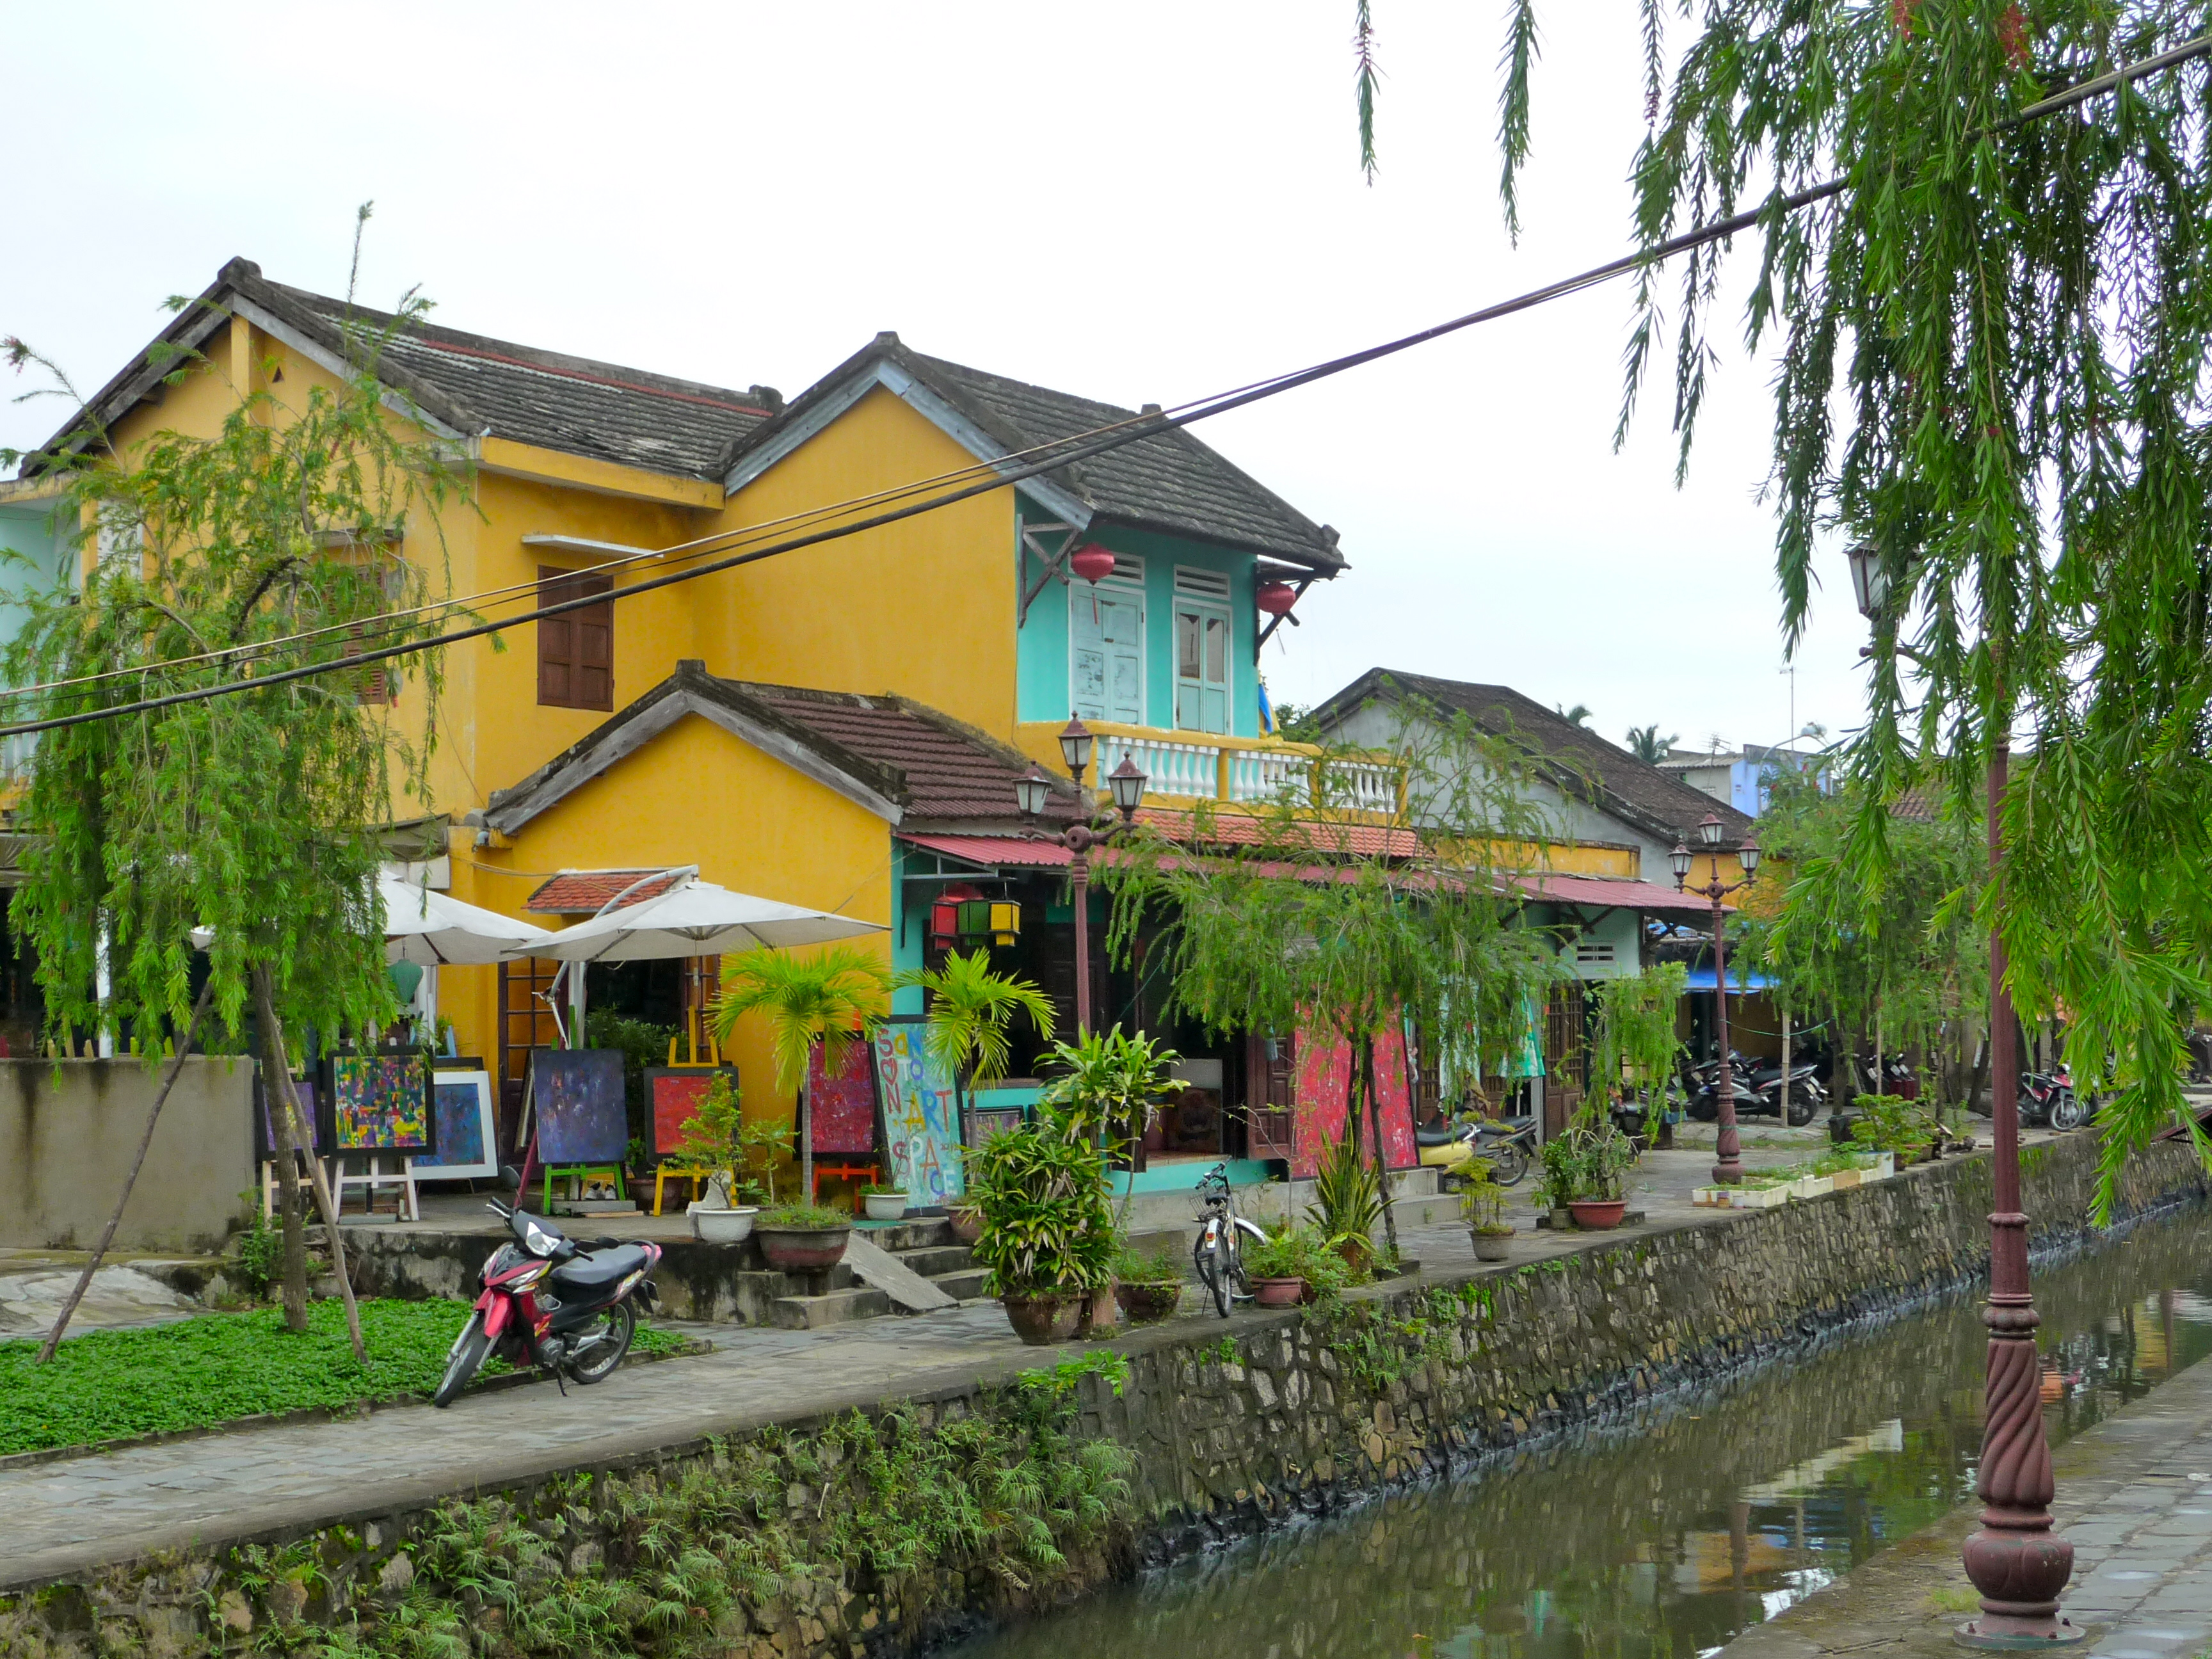 Häuser an Flussufer in Hoi An